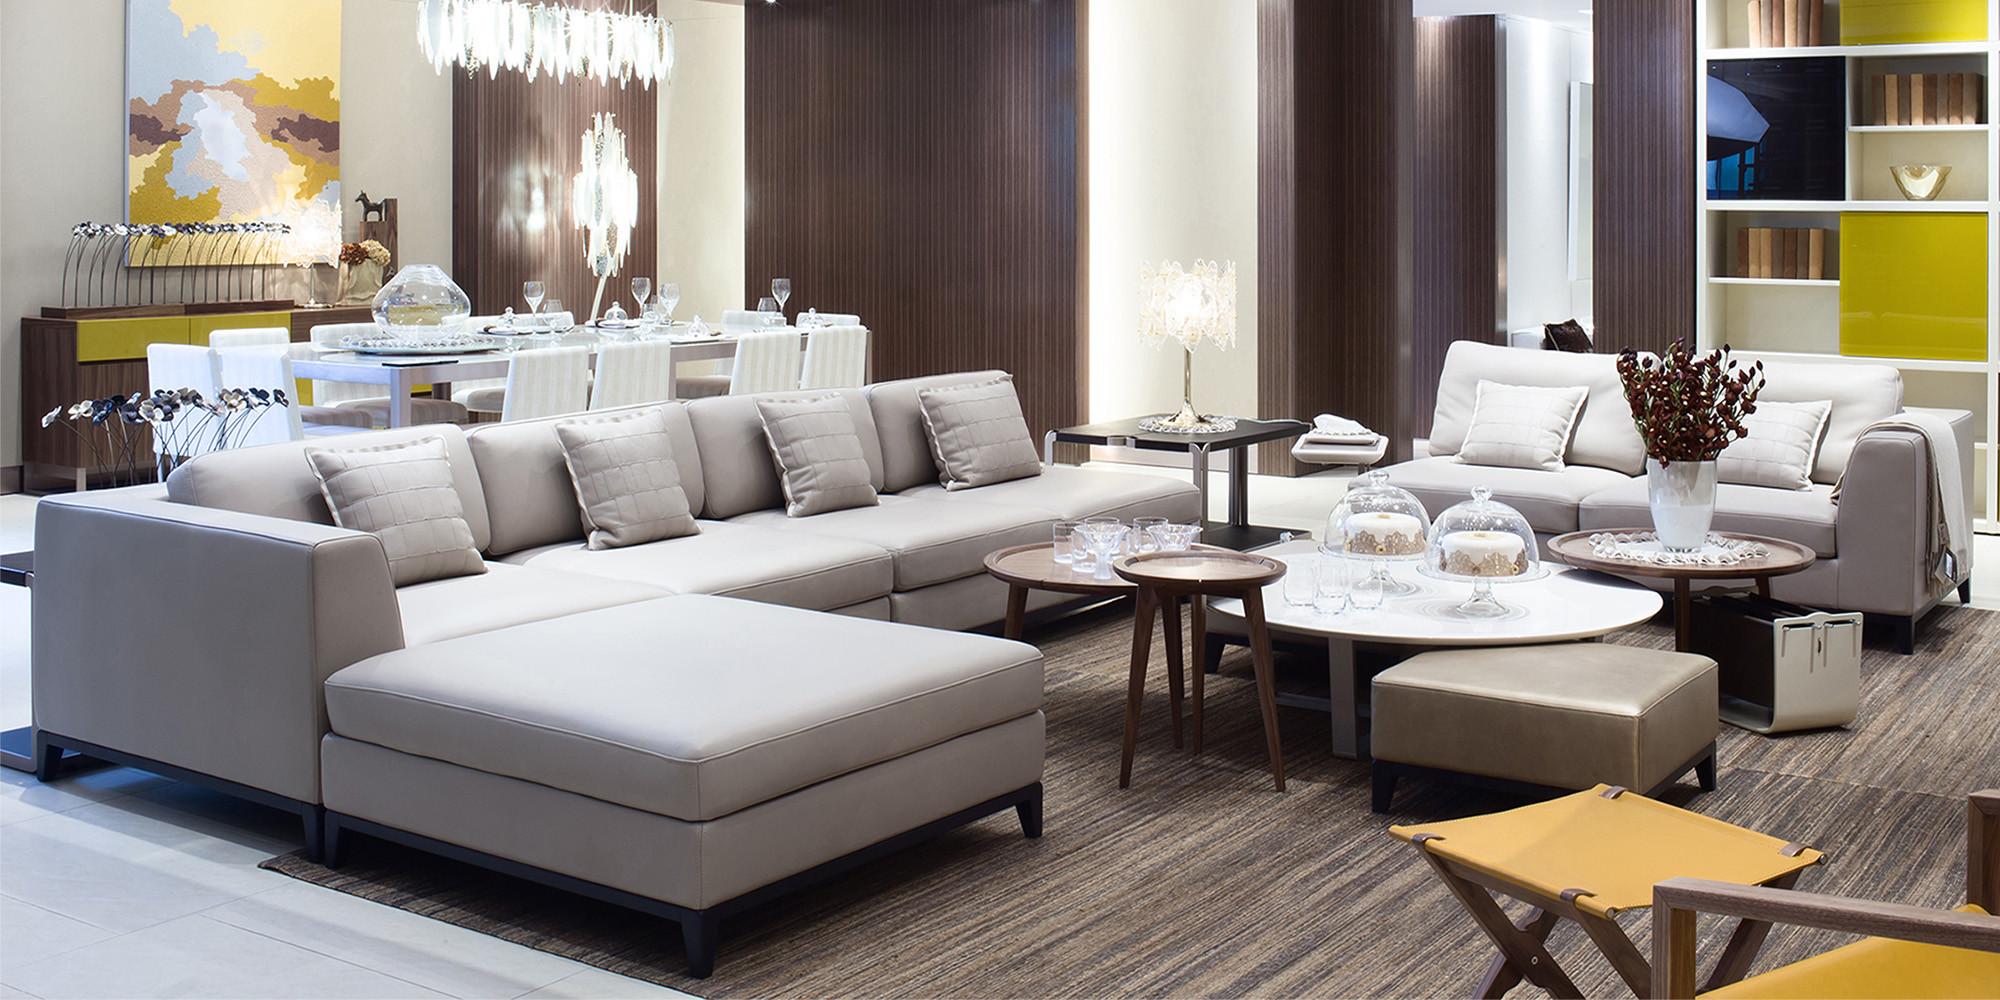 迪信家具 - dfs219 组合沙发